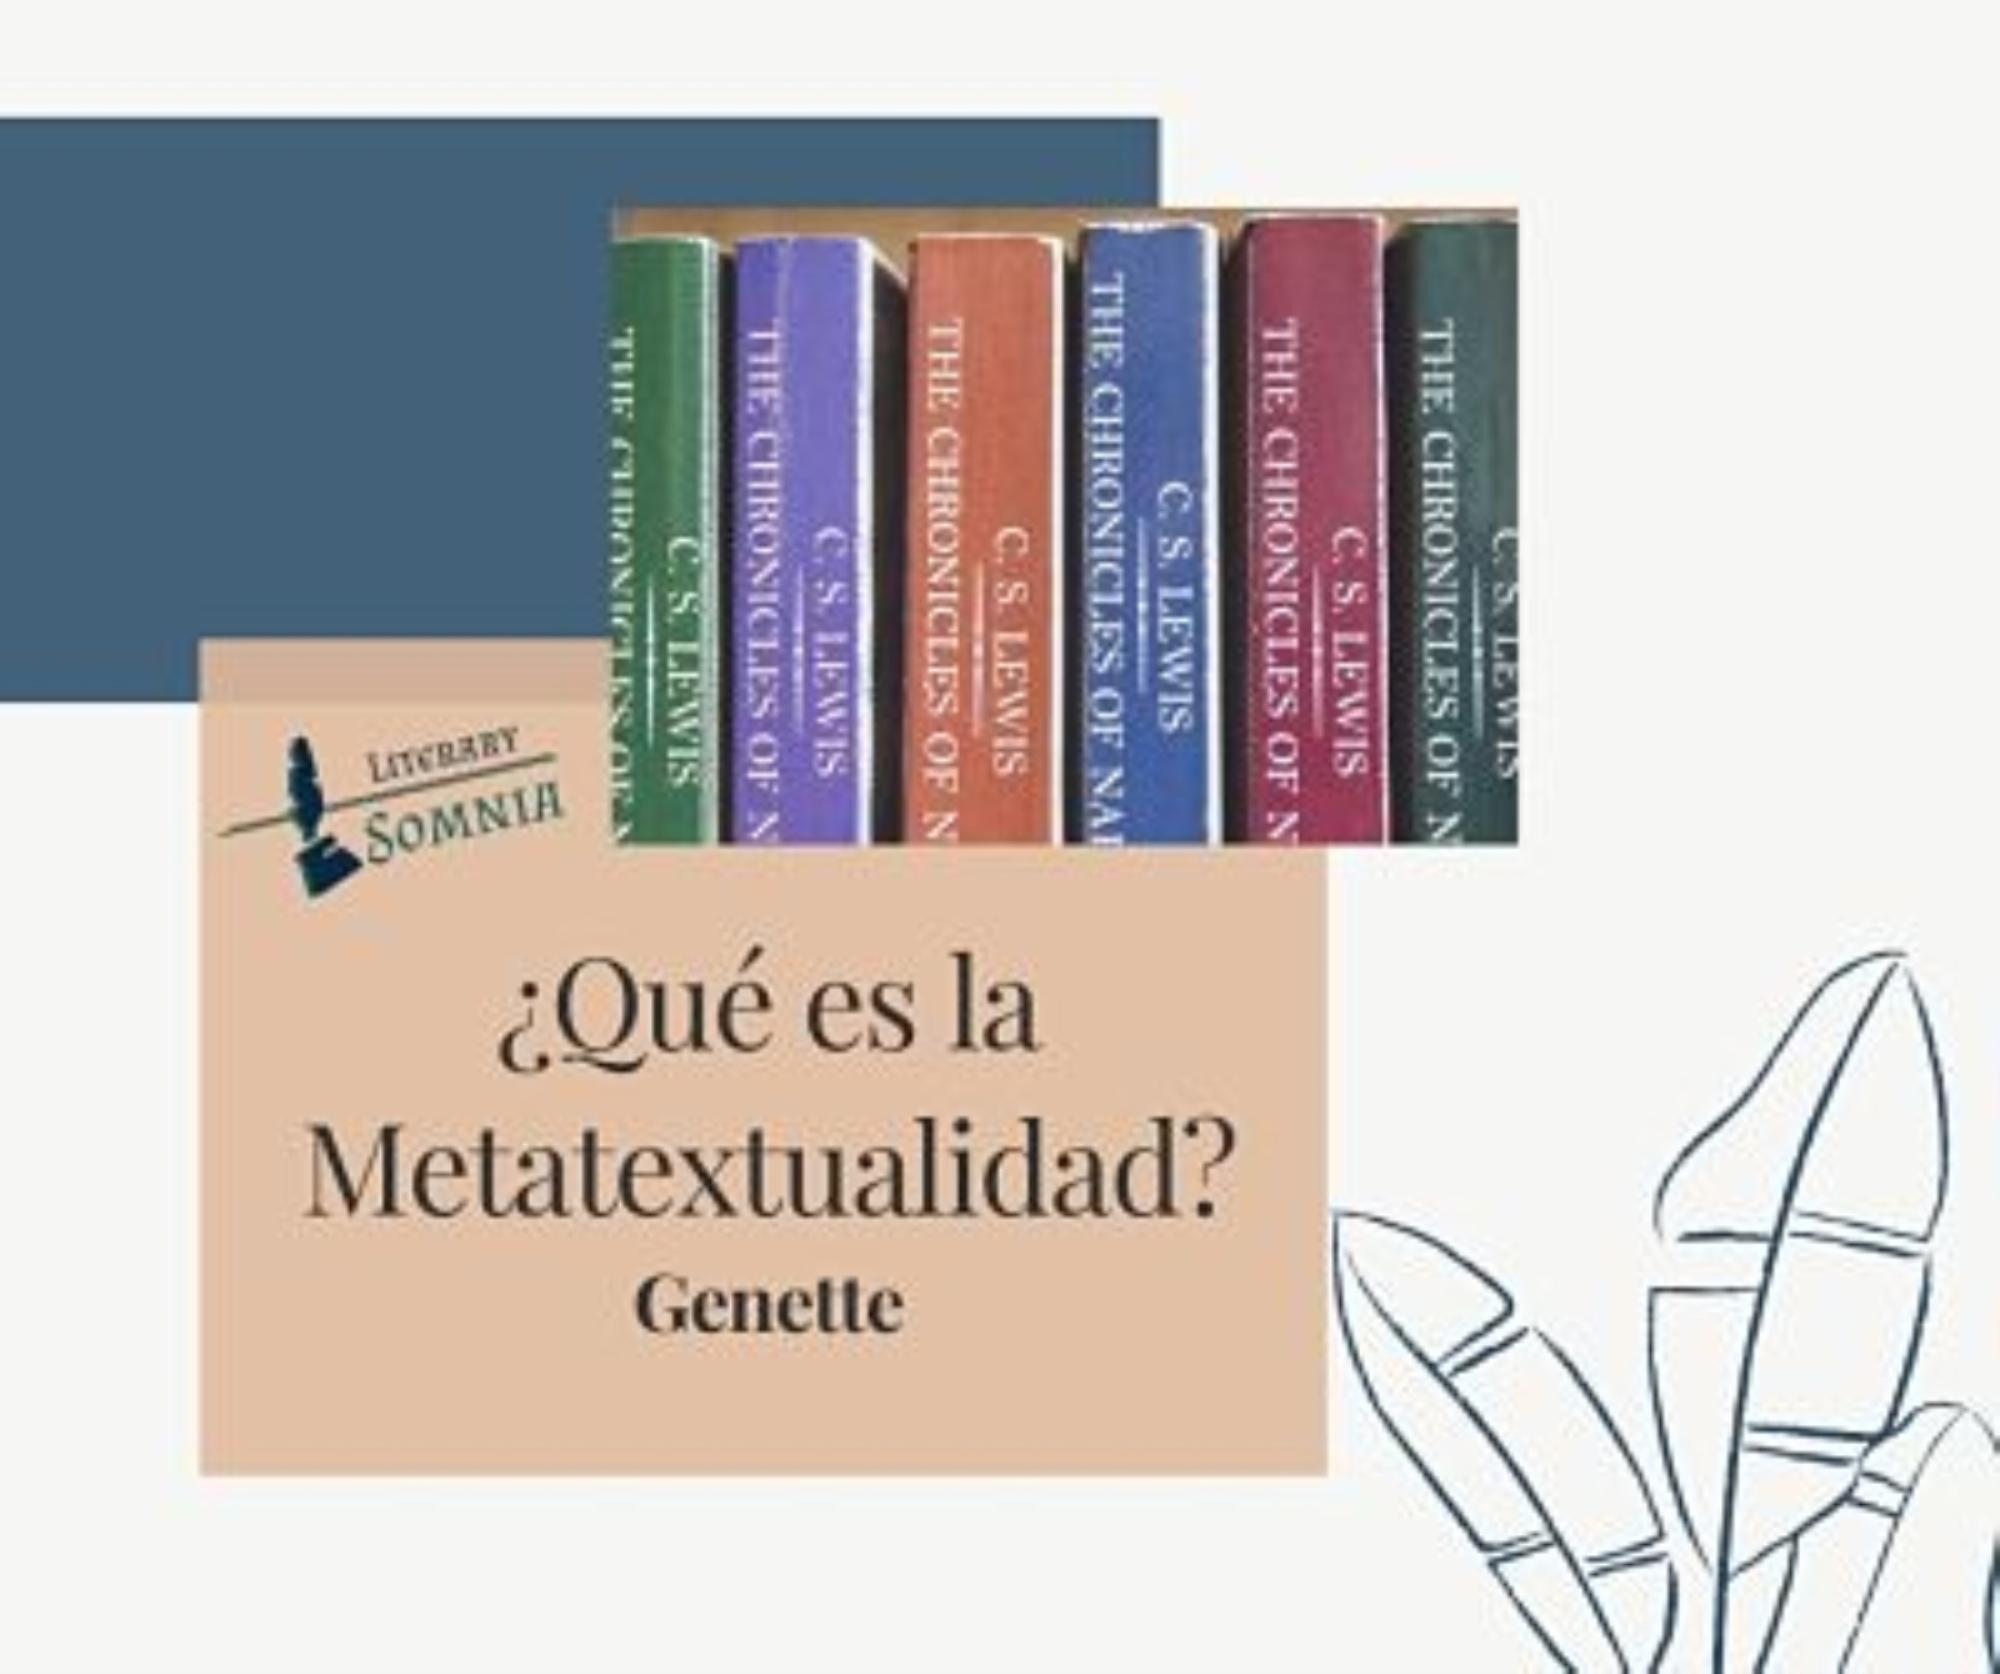 metatextualidad genette literatura